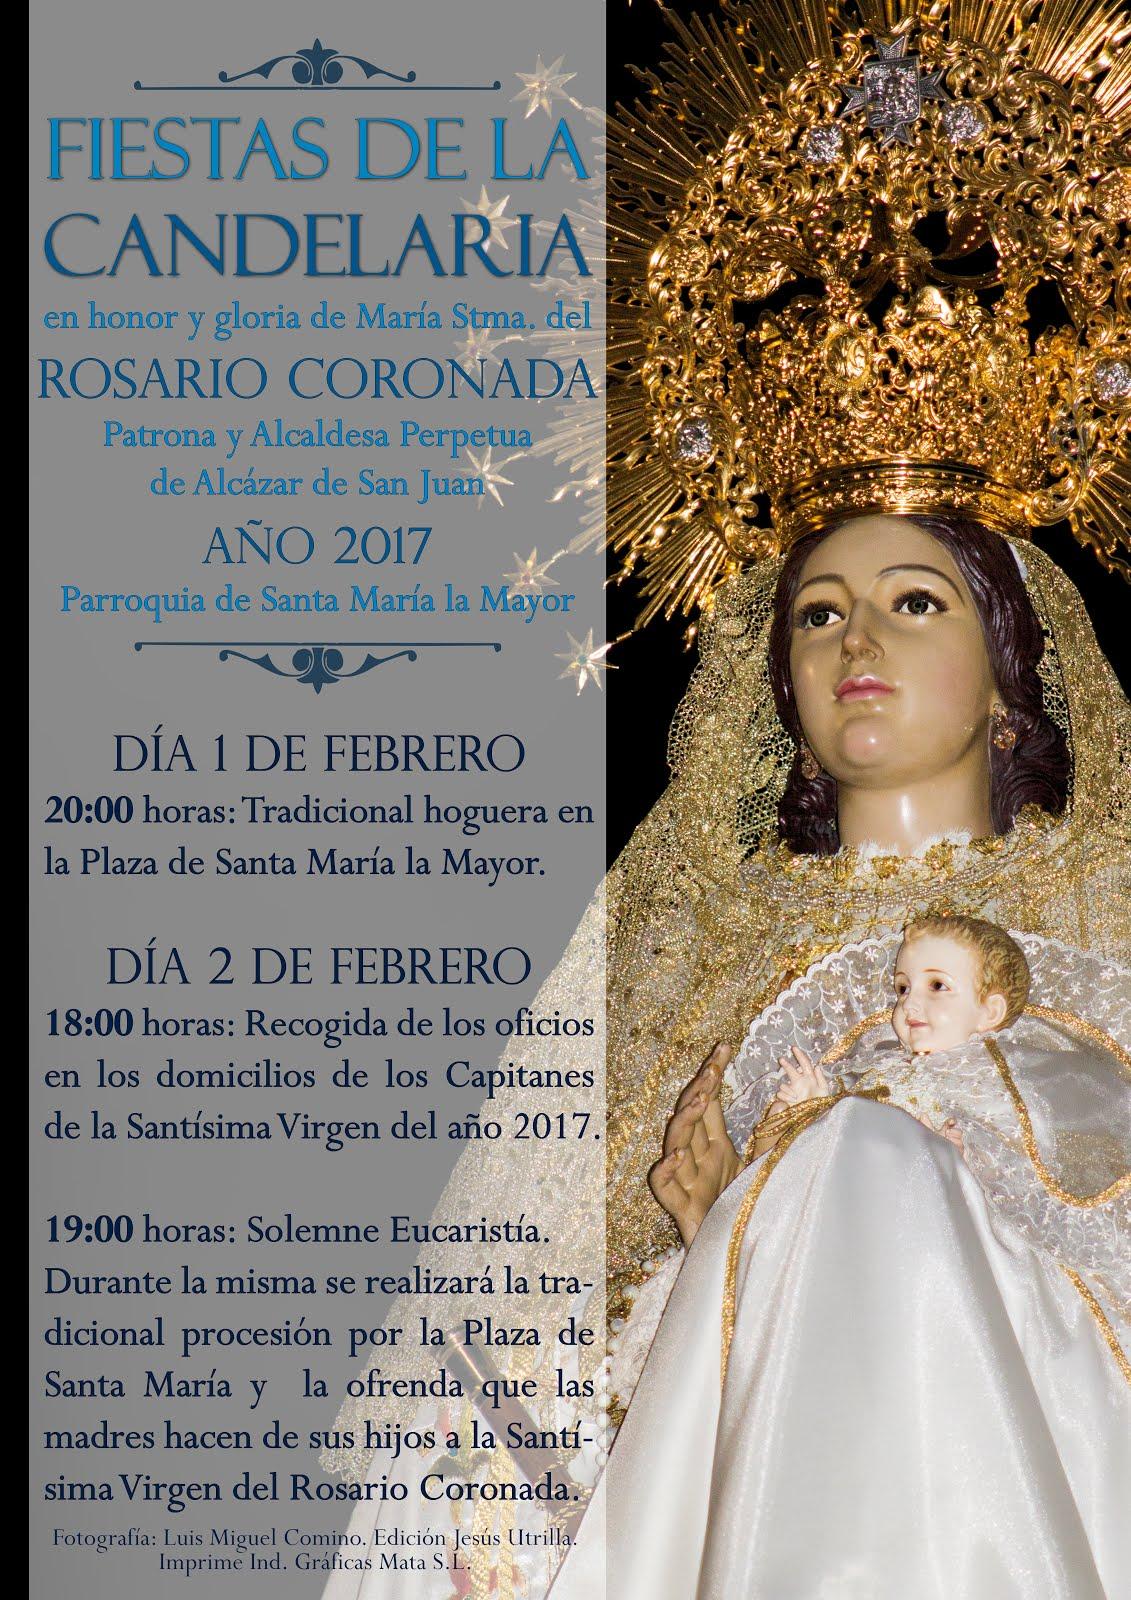 Fiestas de la Candelaria 2017